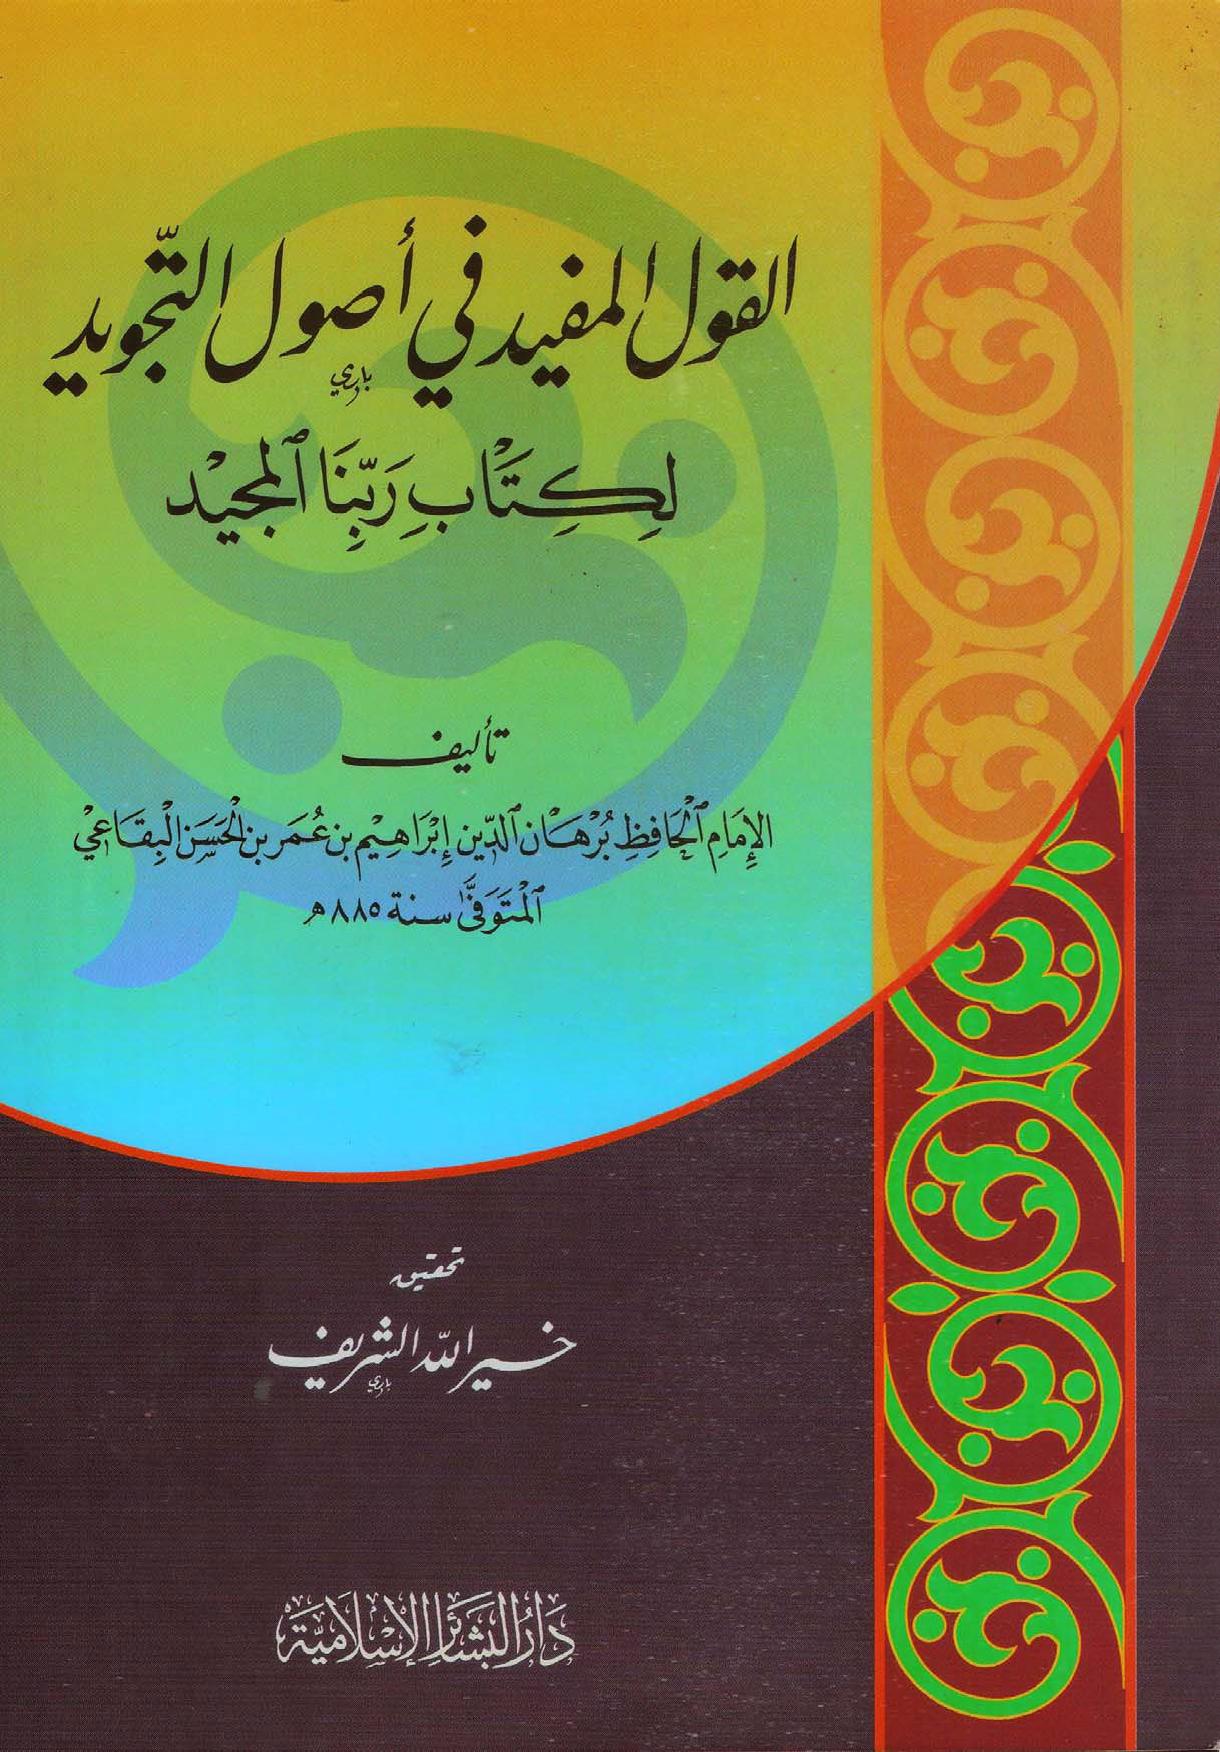 تحميل كتاب القول المفيد في أصول التجويد لكتاب ربنا المجيد لـِ: الإمام أبو الحسن برهان الدين إبراهيم بن عمر بن حسن البقاعي (ت 885)